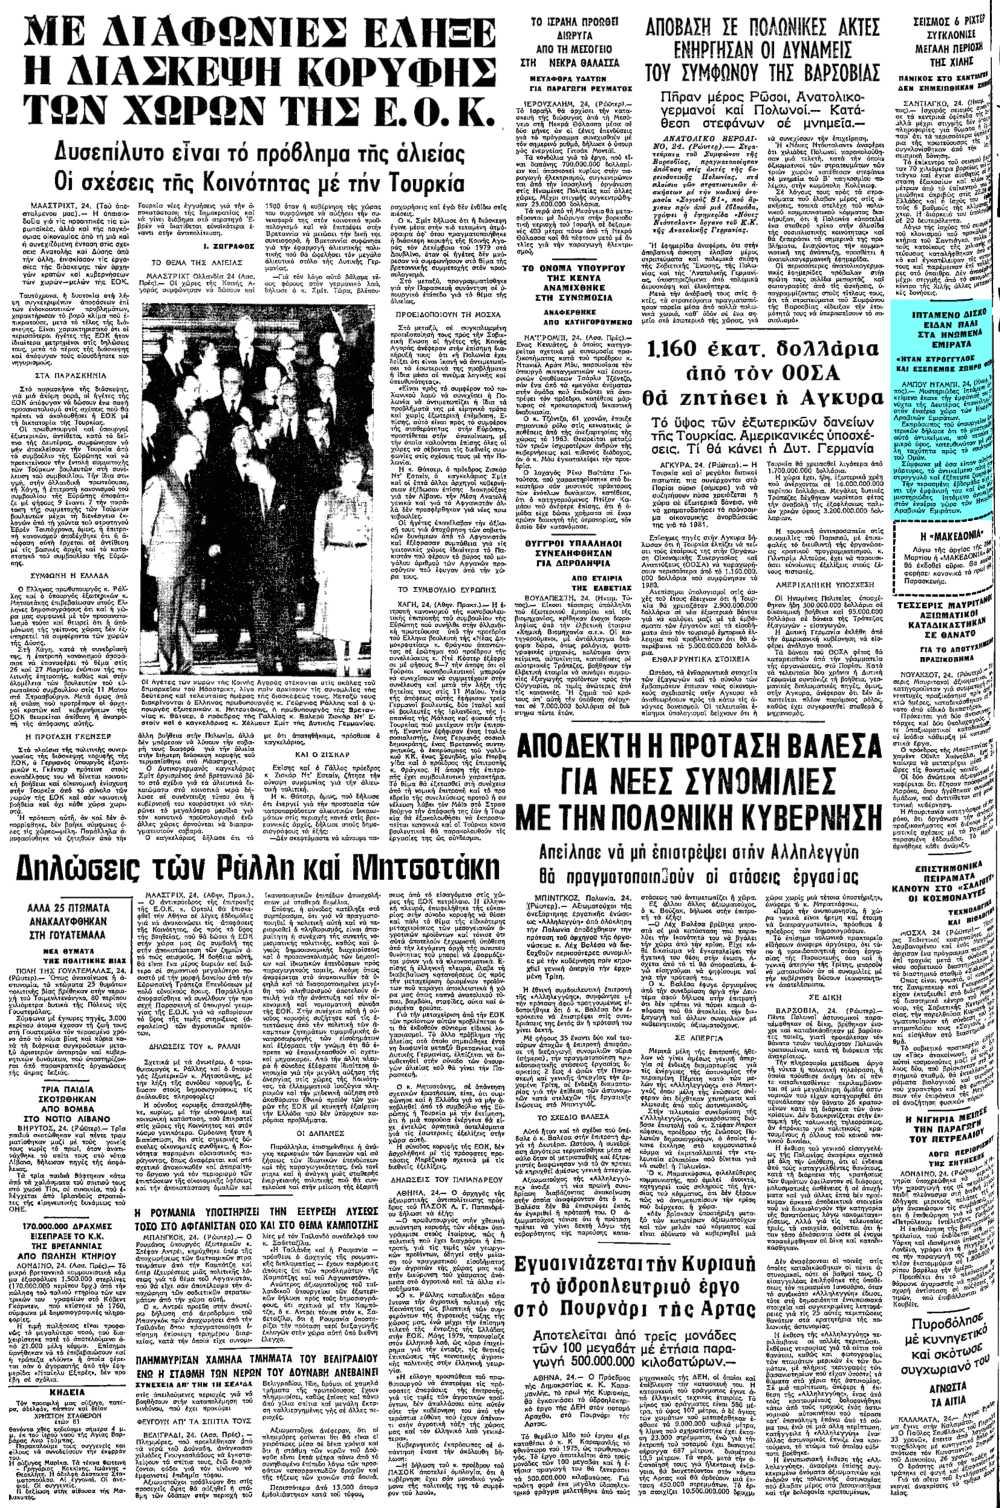 """Το άρθρο, όπως δημοσιεύθηκε στην εφημερίδα """"ΜΑΚΕΔΟΝΙΑ"""", στις 25/03/1981"""